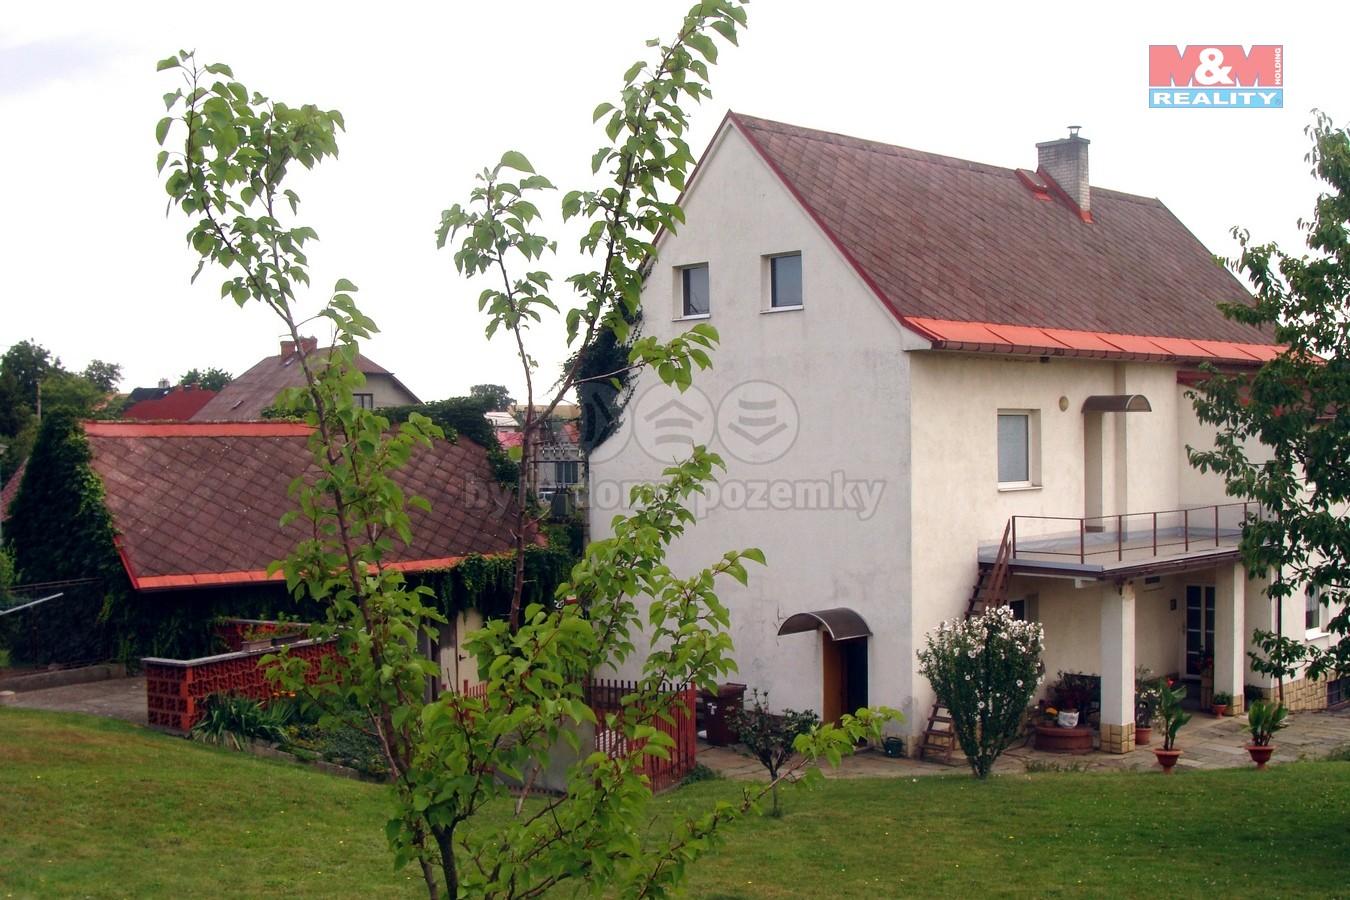 Prodej, rodinný dům, 1183 m2, Markvartovice